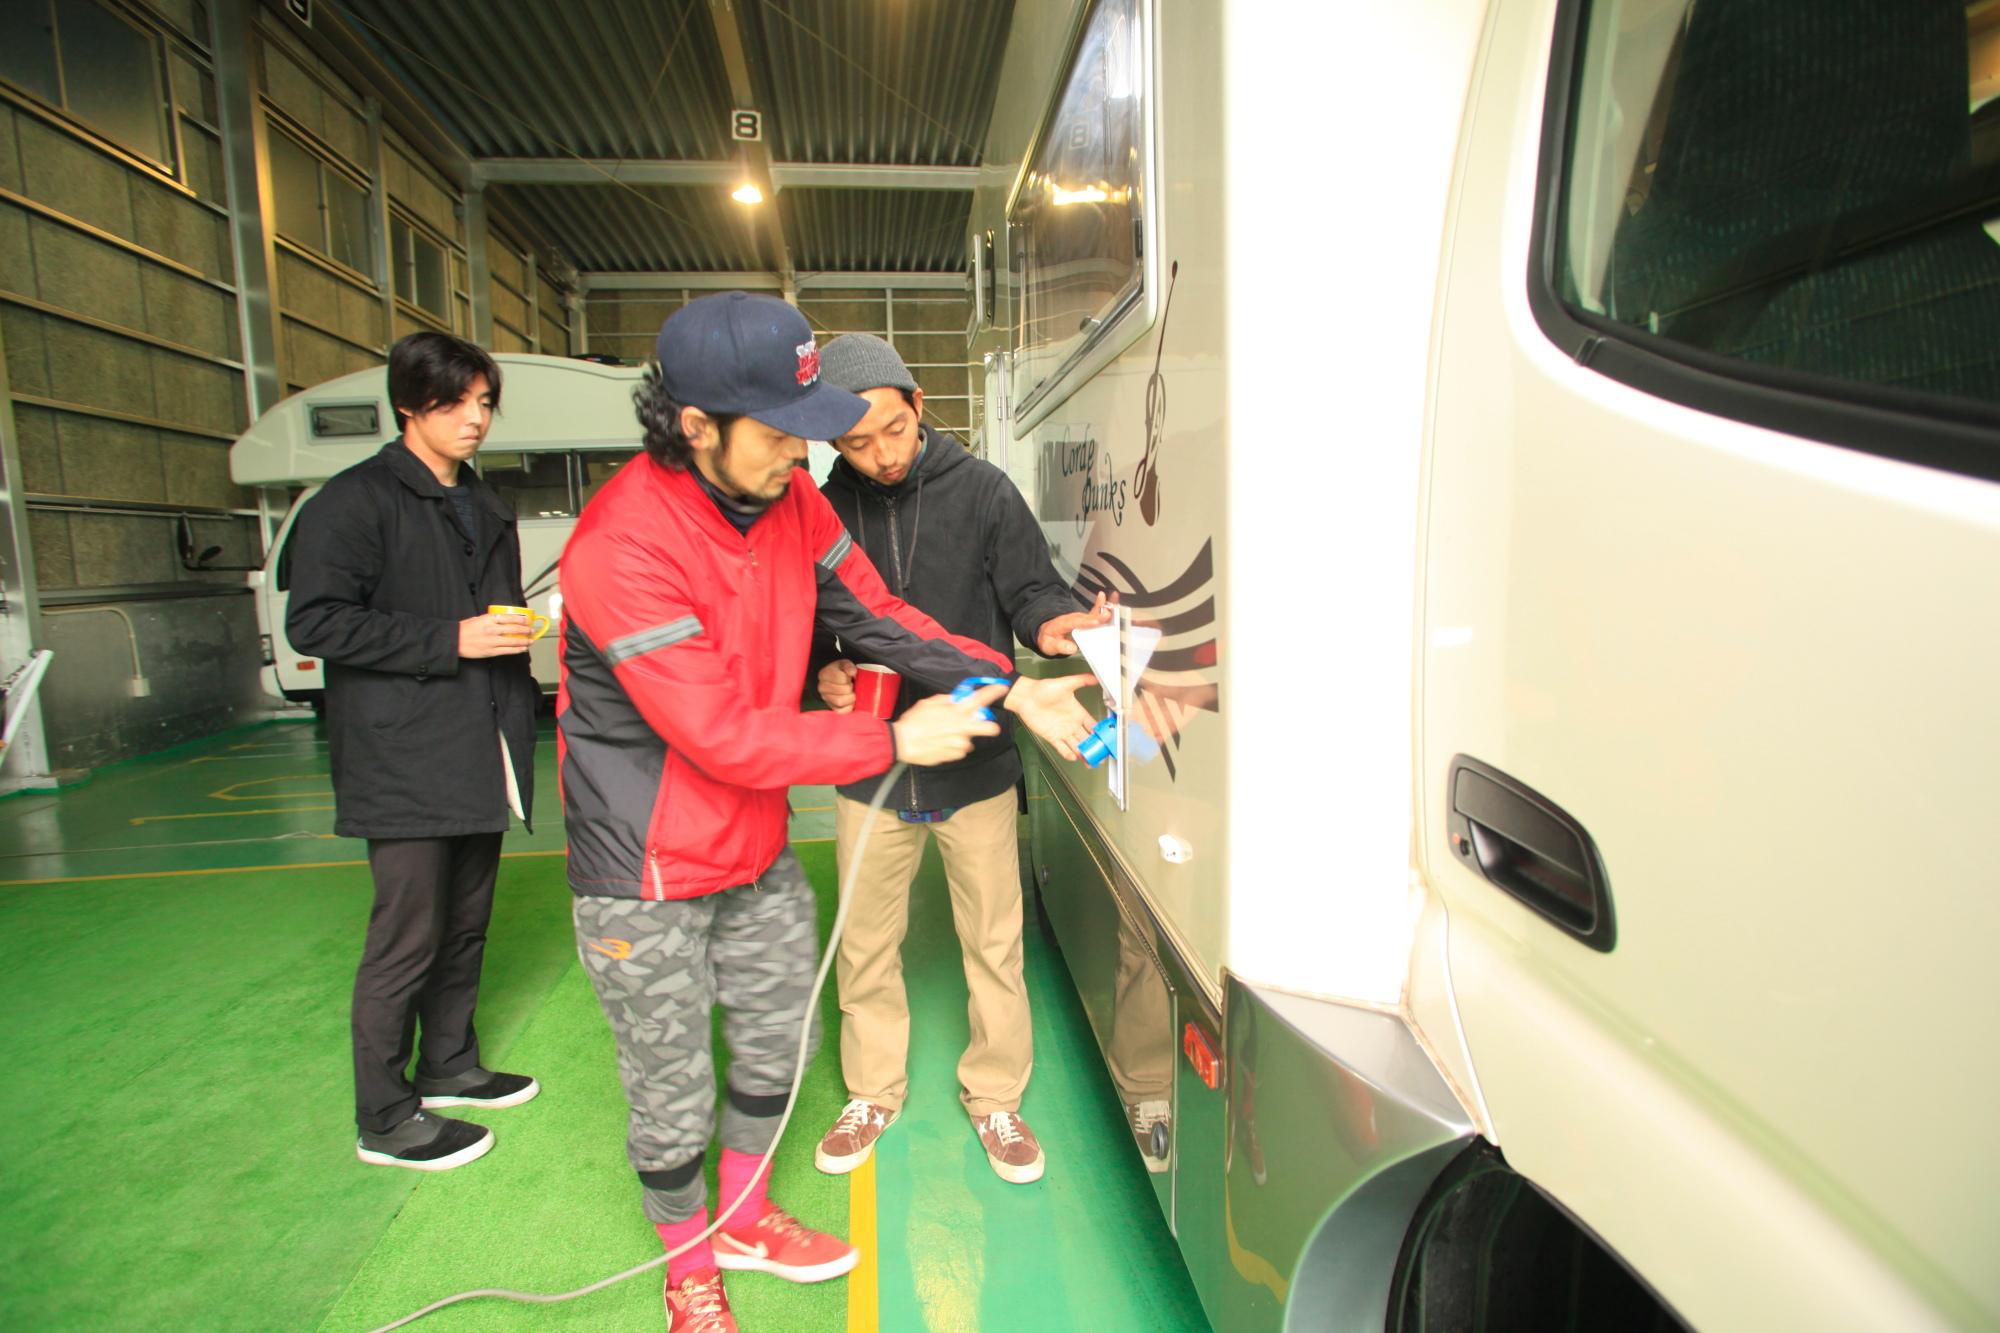 まずは船橋の営業所でキャンピングカーの使い方をレクチャー。